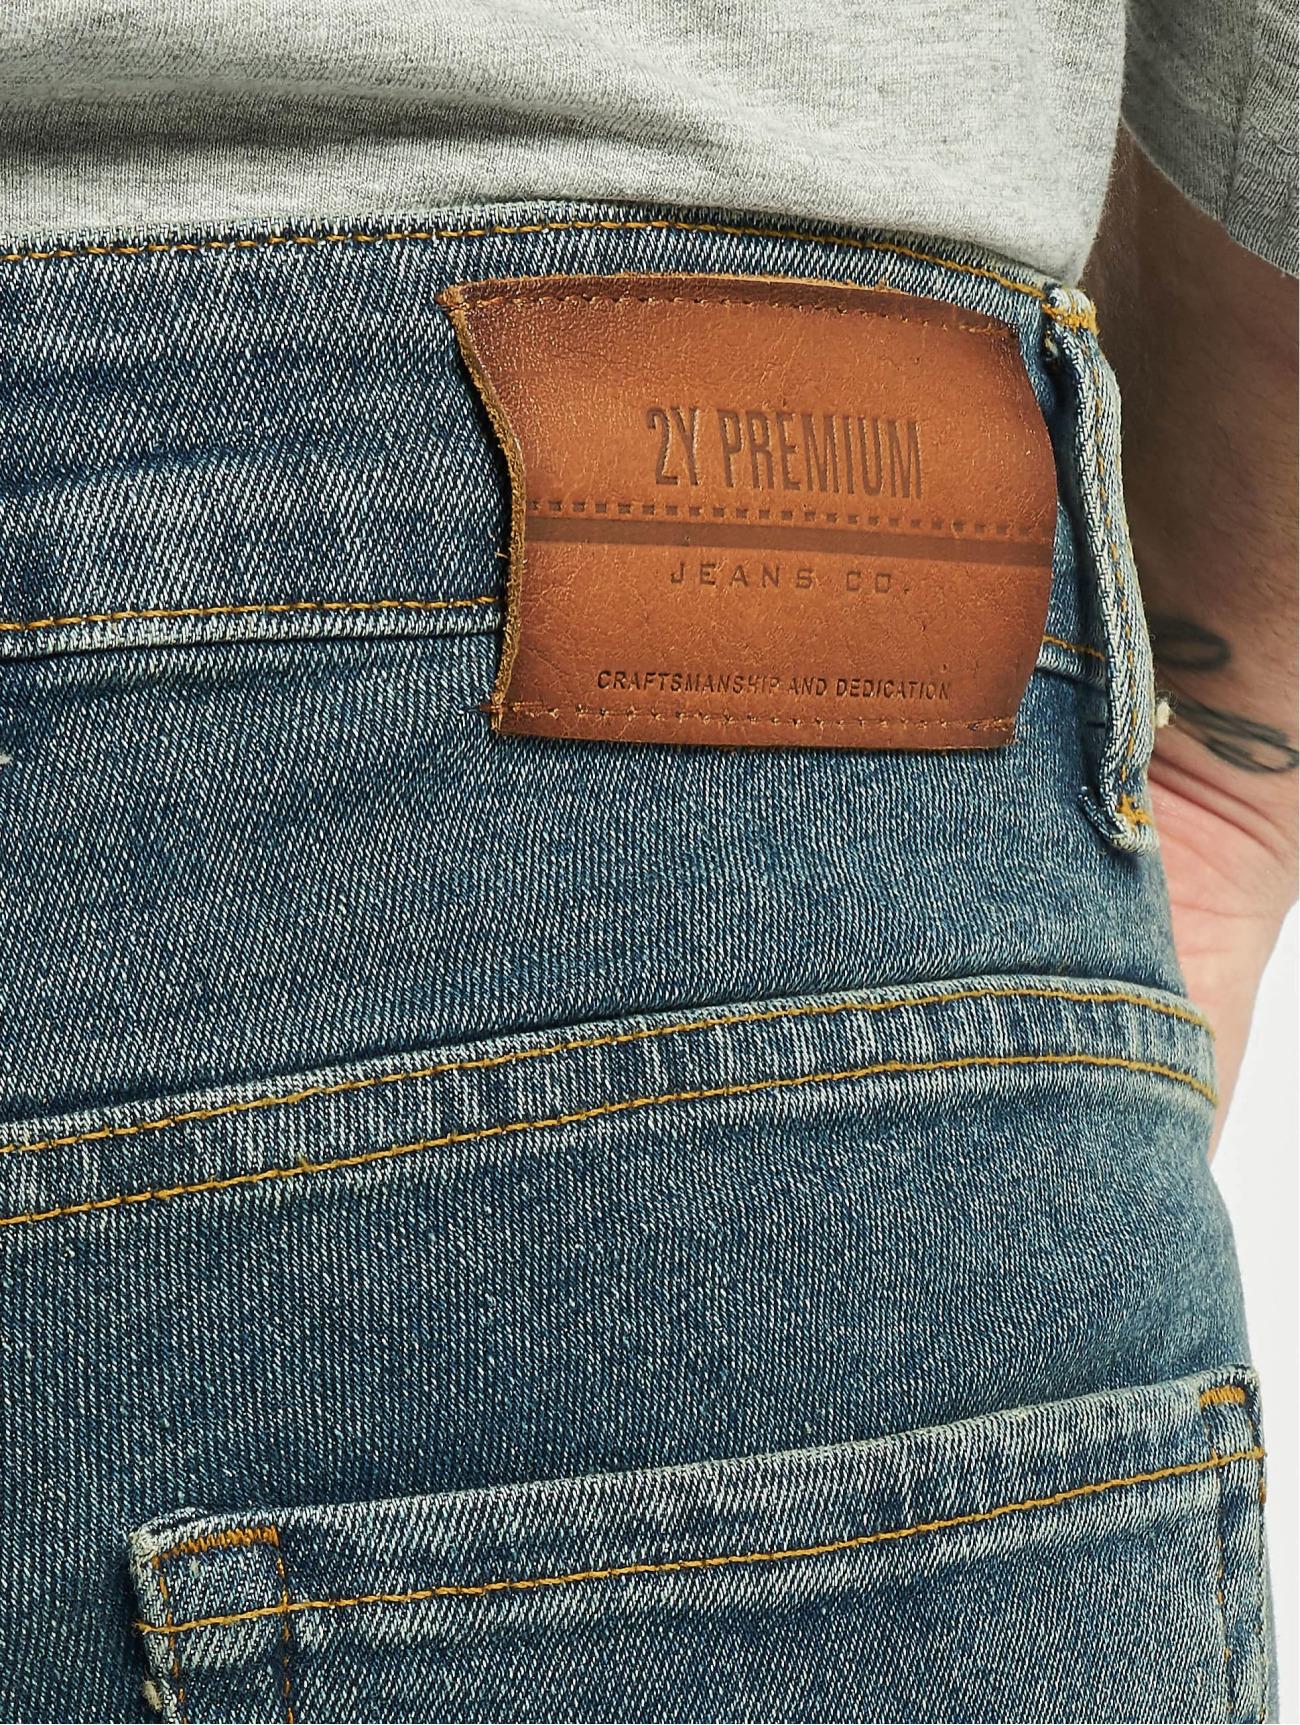 2Y Jeans / Slim Fit Jeans Neven  i blå 746641 Män Jeans